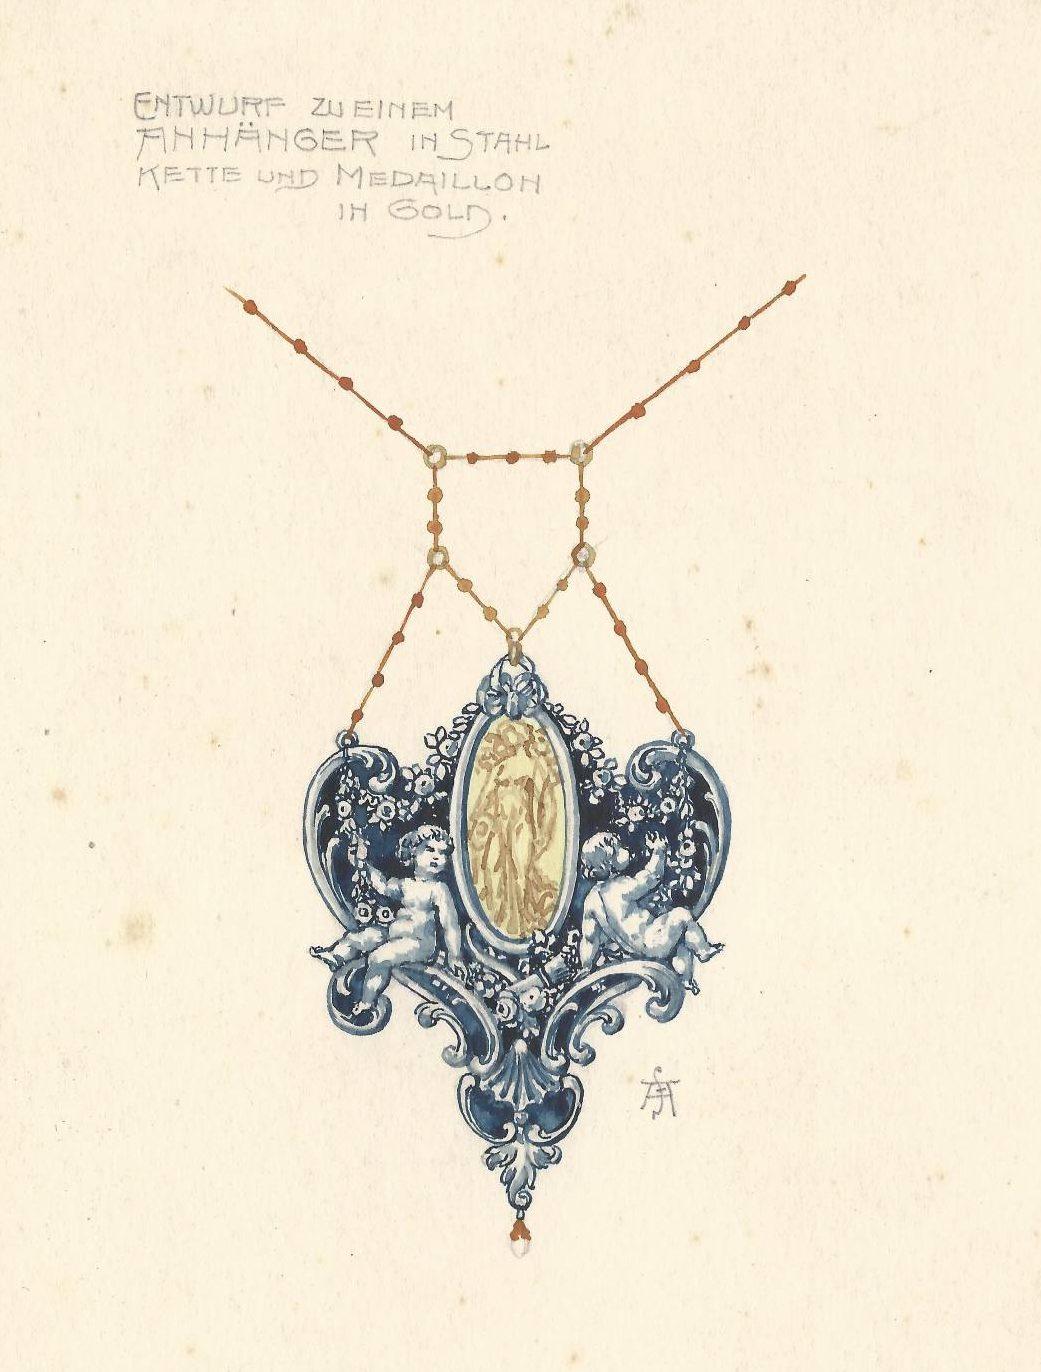 F. Anders, ontwerp voor een hanger, tekening. Foto met dank aan Grafische Sammlung Stern©